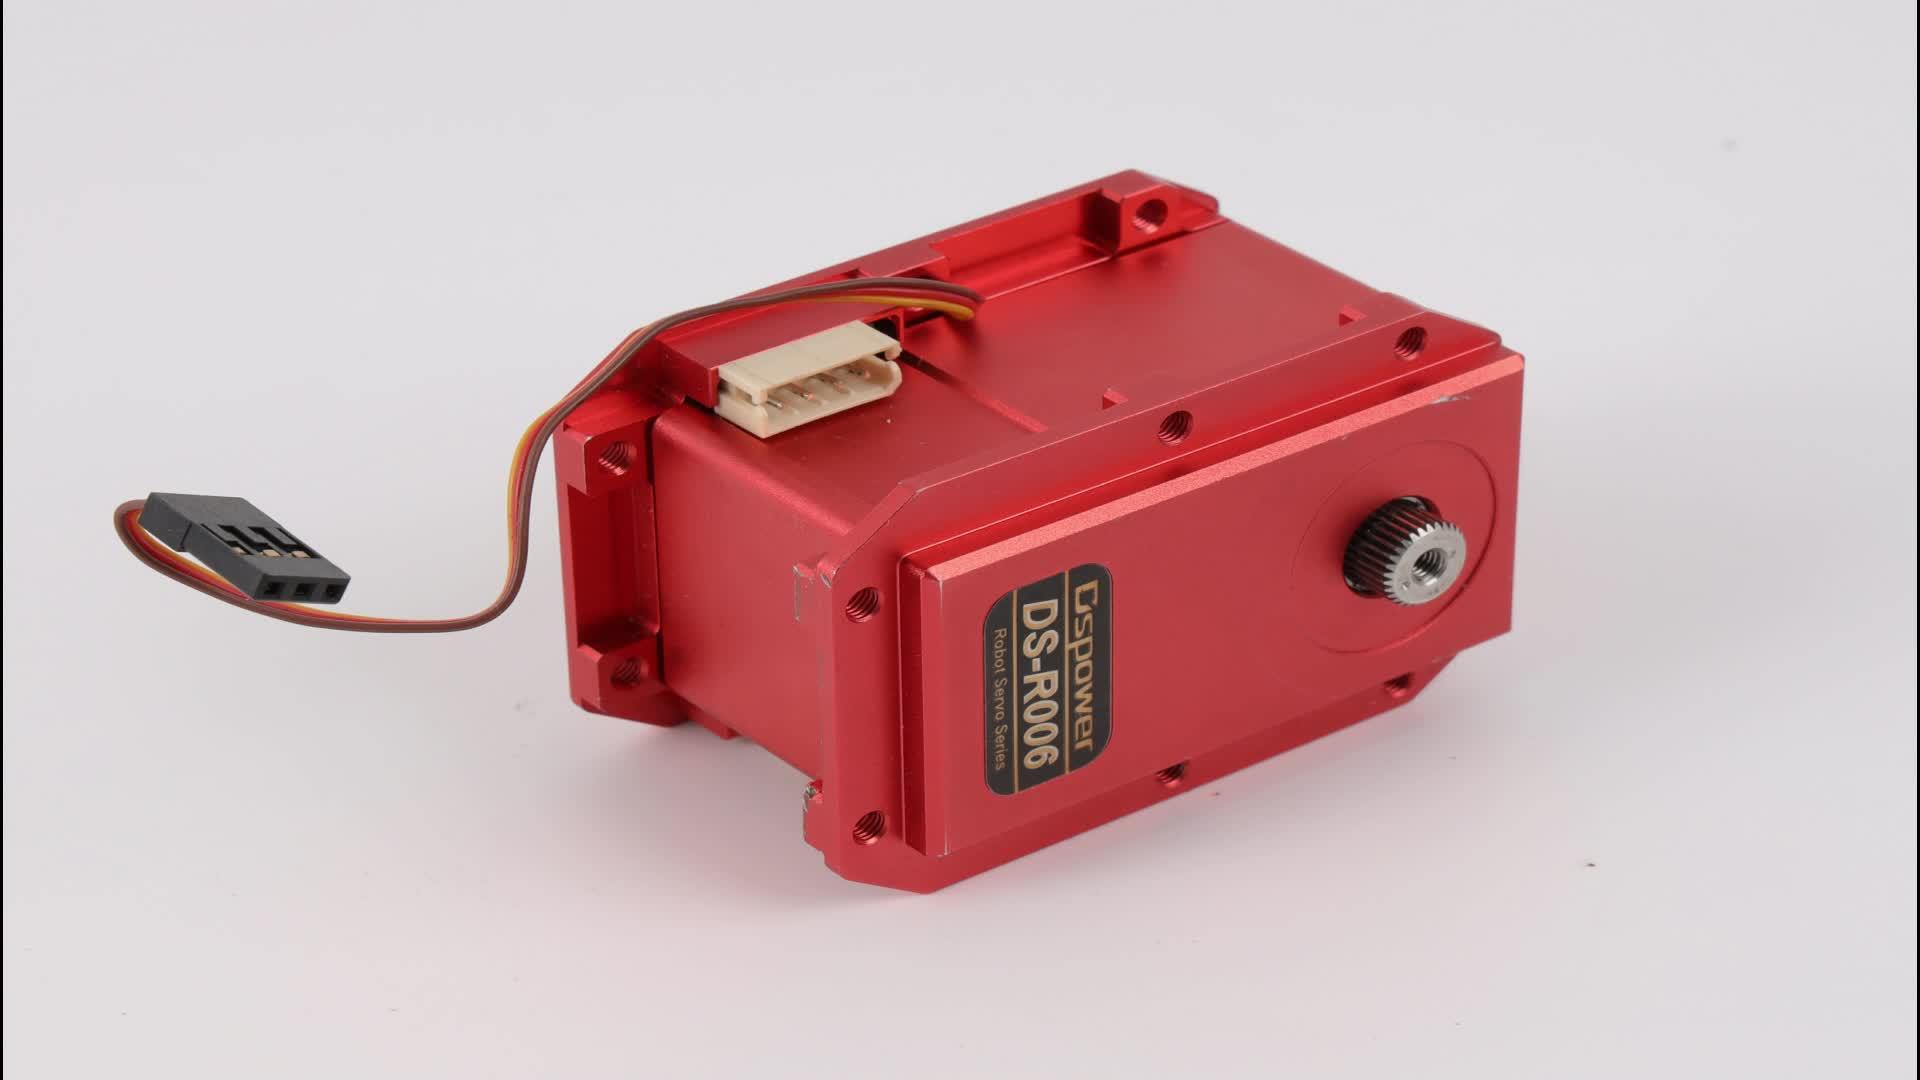 مخصص 7075 الألومنيوم بأكسيد التصنيع باستخدام الحاسب الآلي طحن/الحفر قطع غيار ميكانيكي من الألومنيوم/قطع غيار الآلات الطباعة ثلاثية الأبعاد